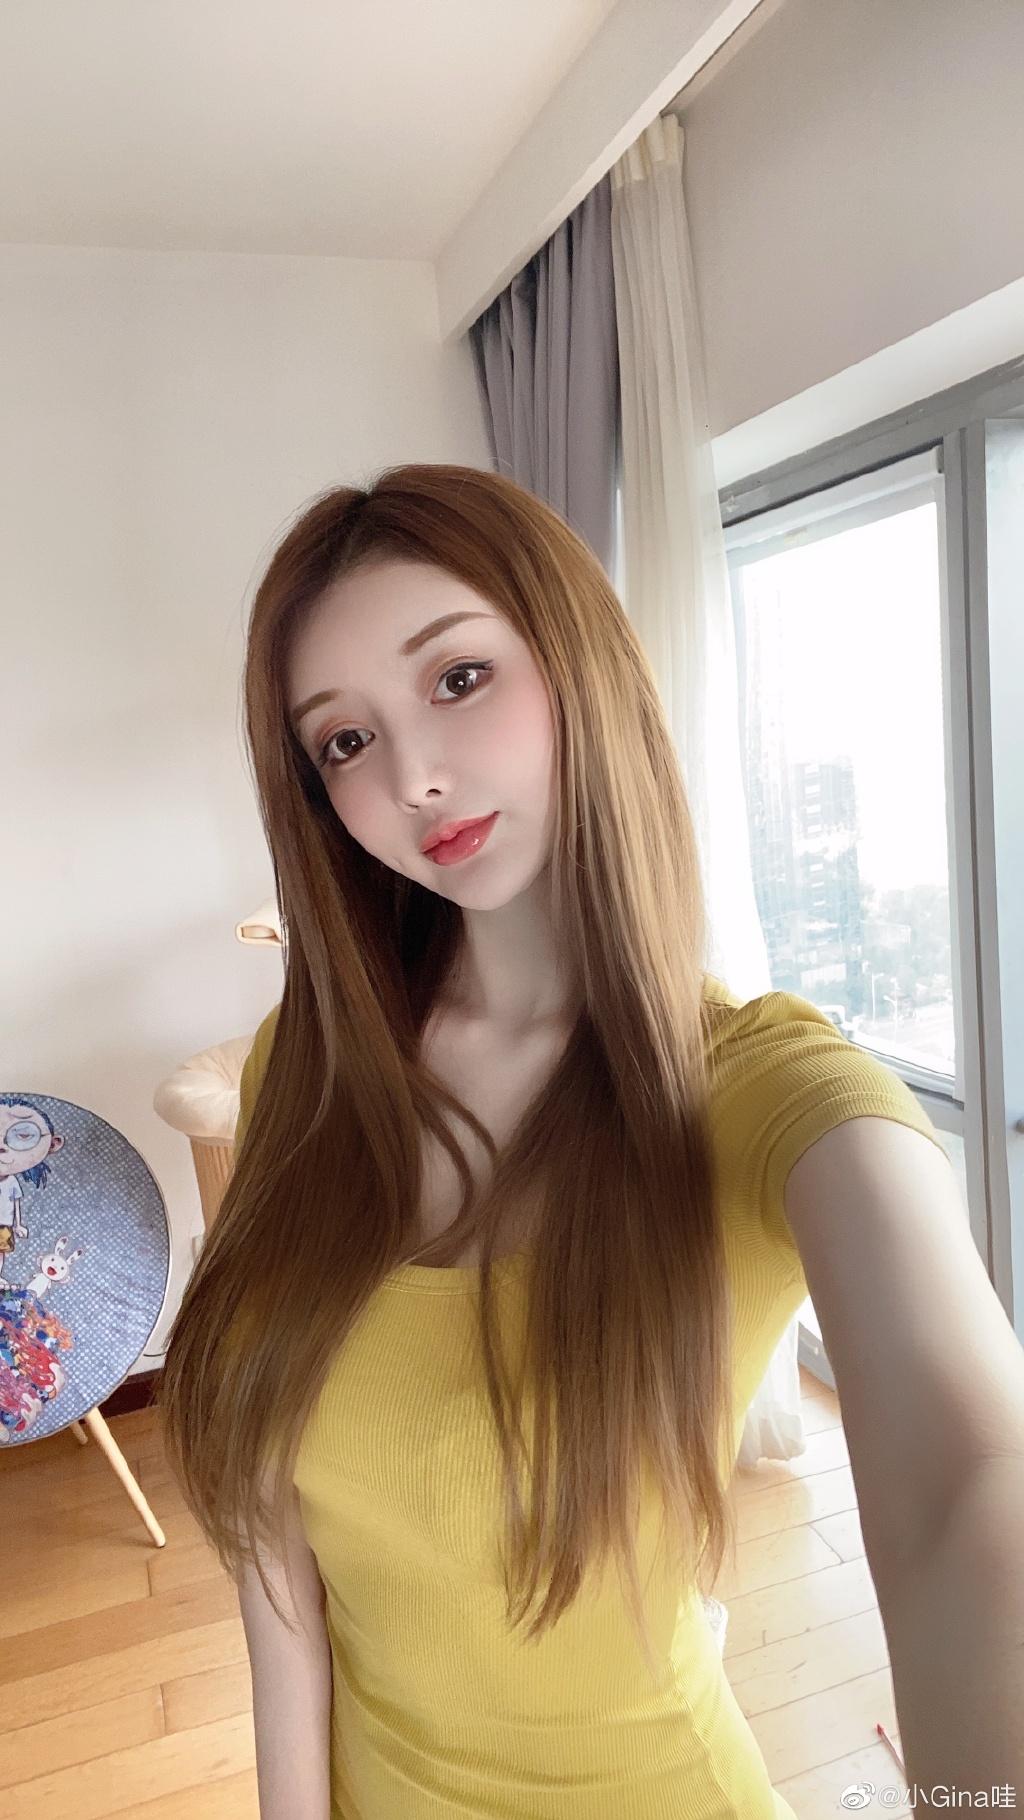 《新說唱2019》亞軍爆出軌!「親密片流出」網傻眼:吳亦凡緋聞女友?